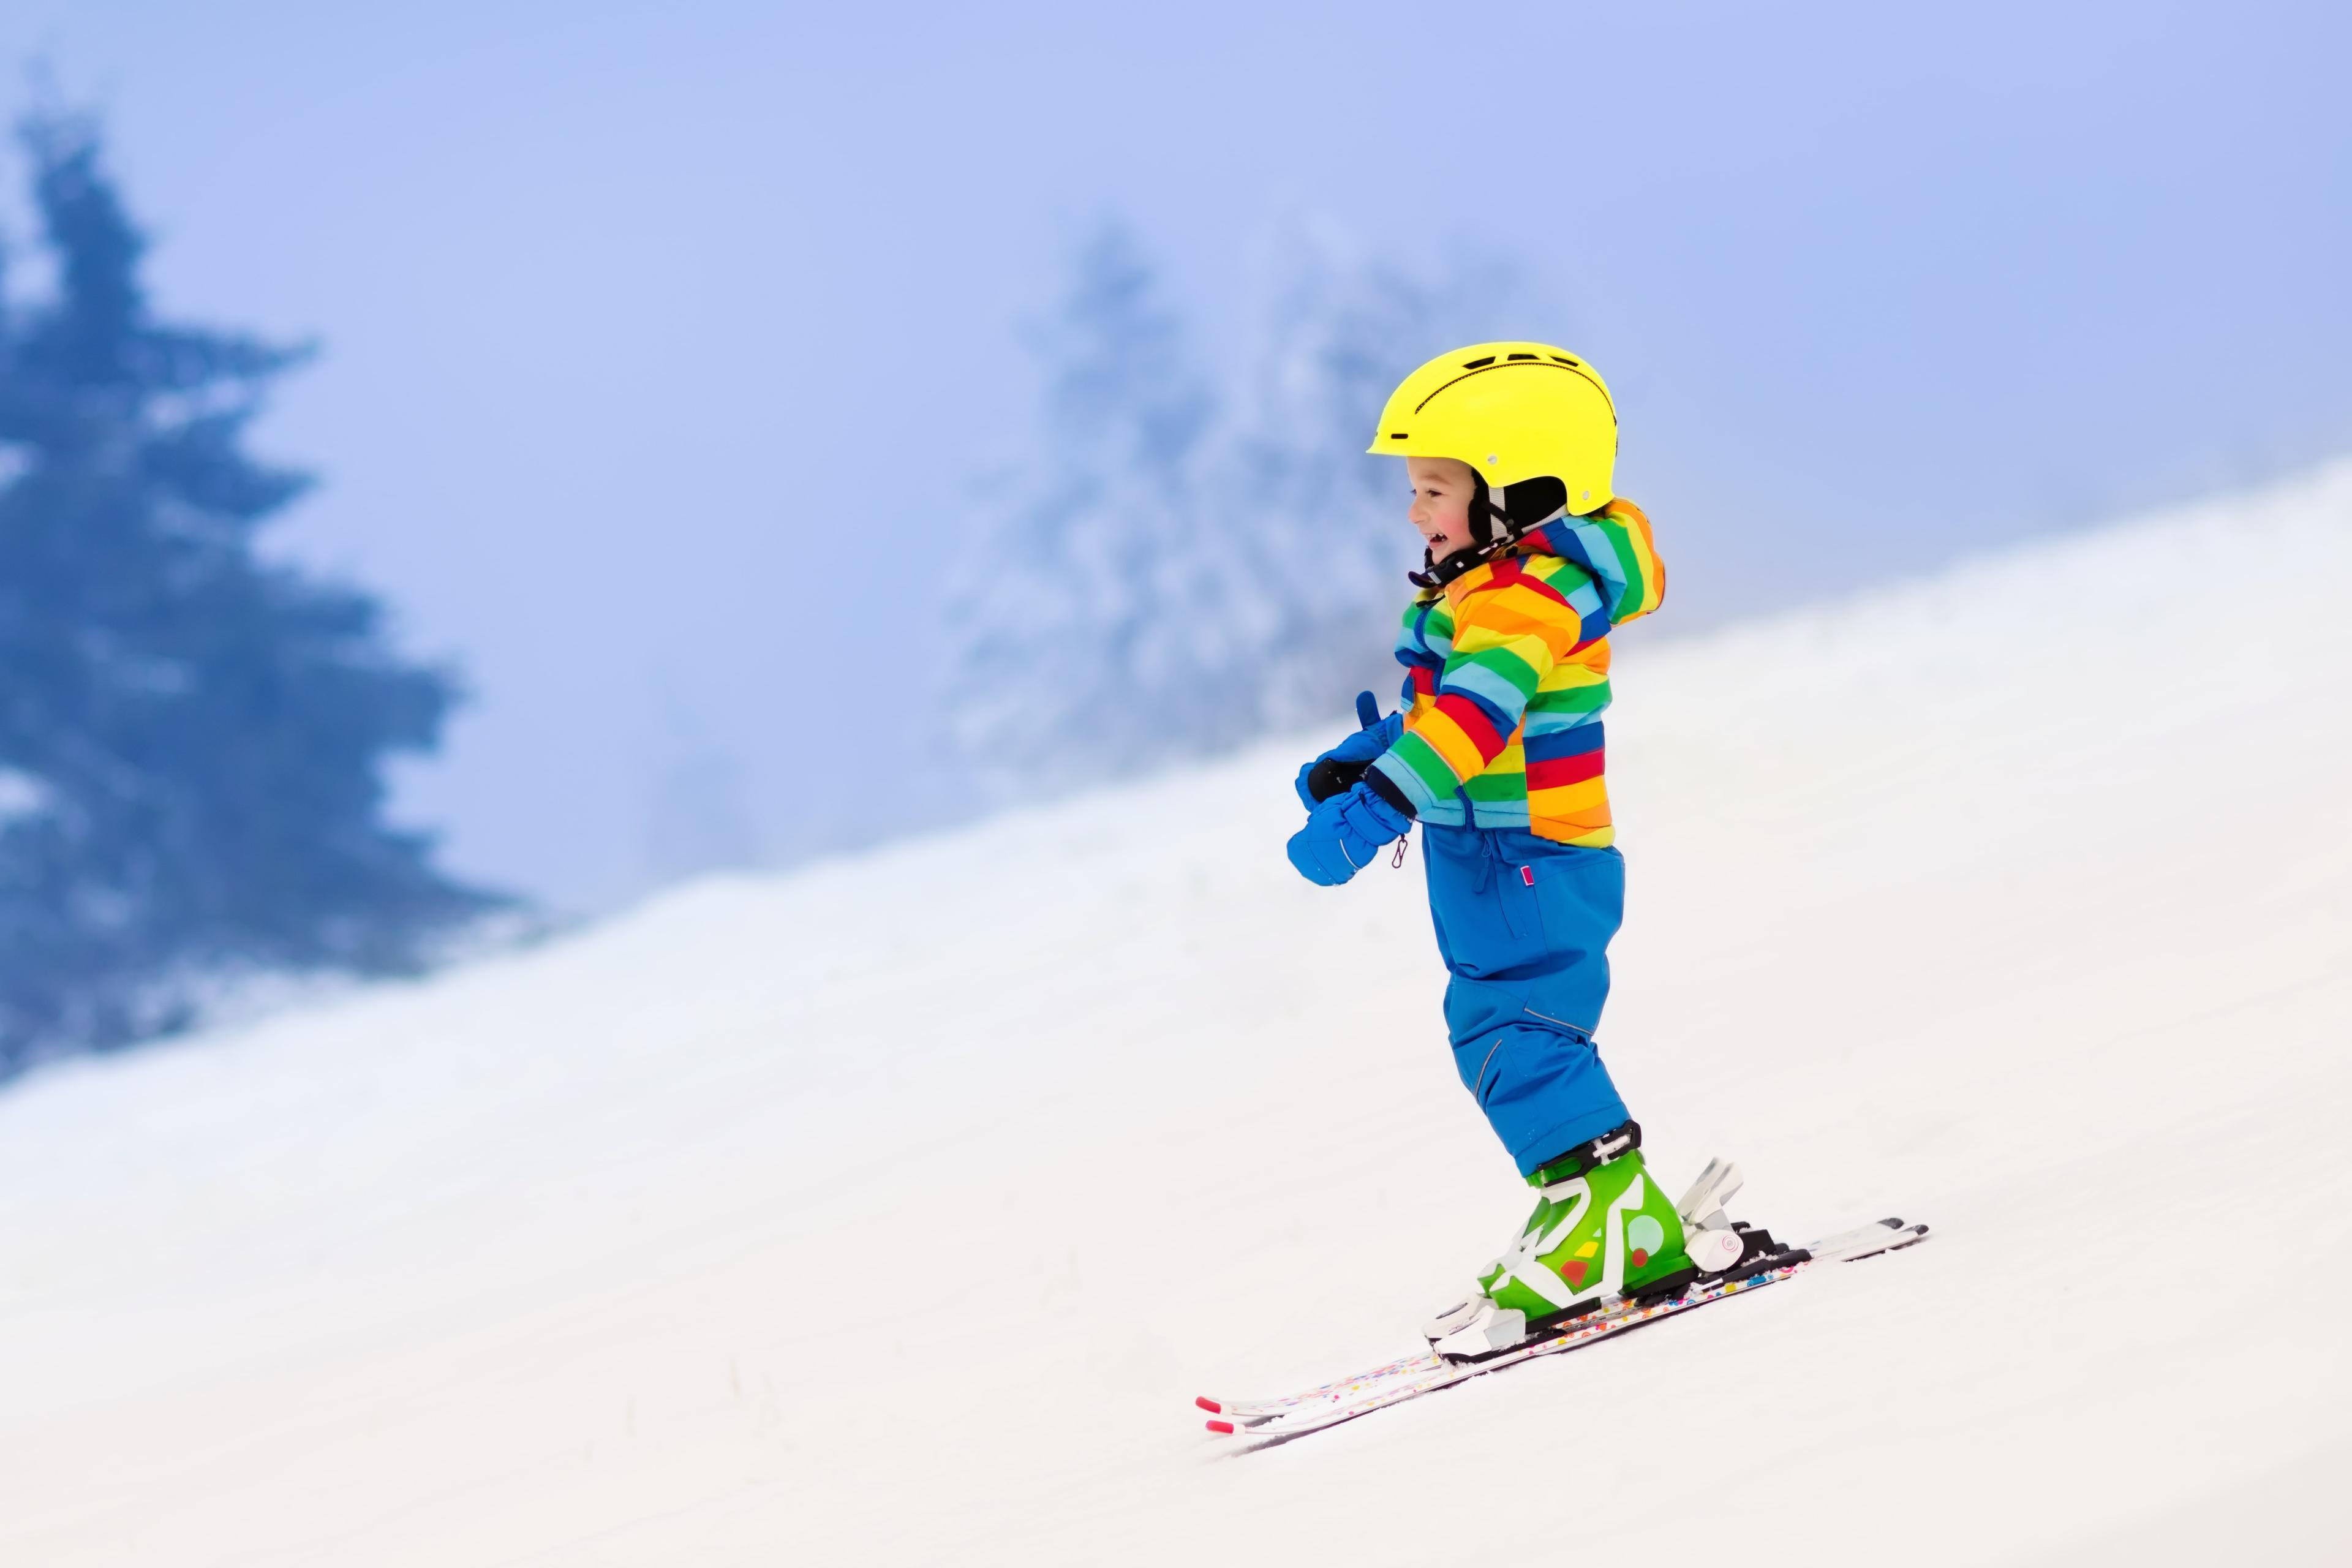 Cours particulier de ski Enfants - Premier cours